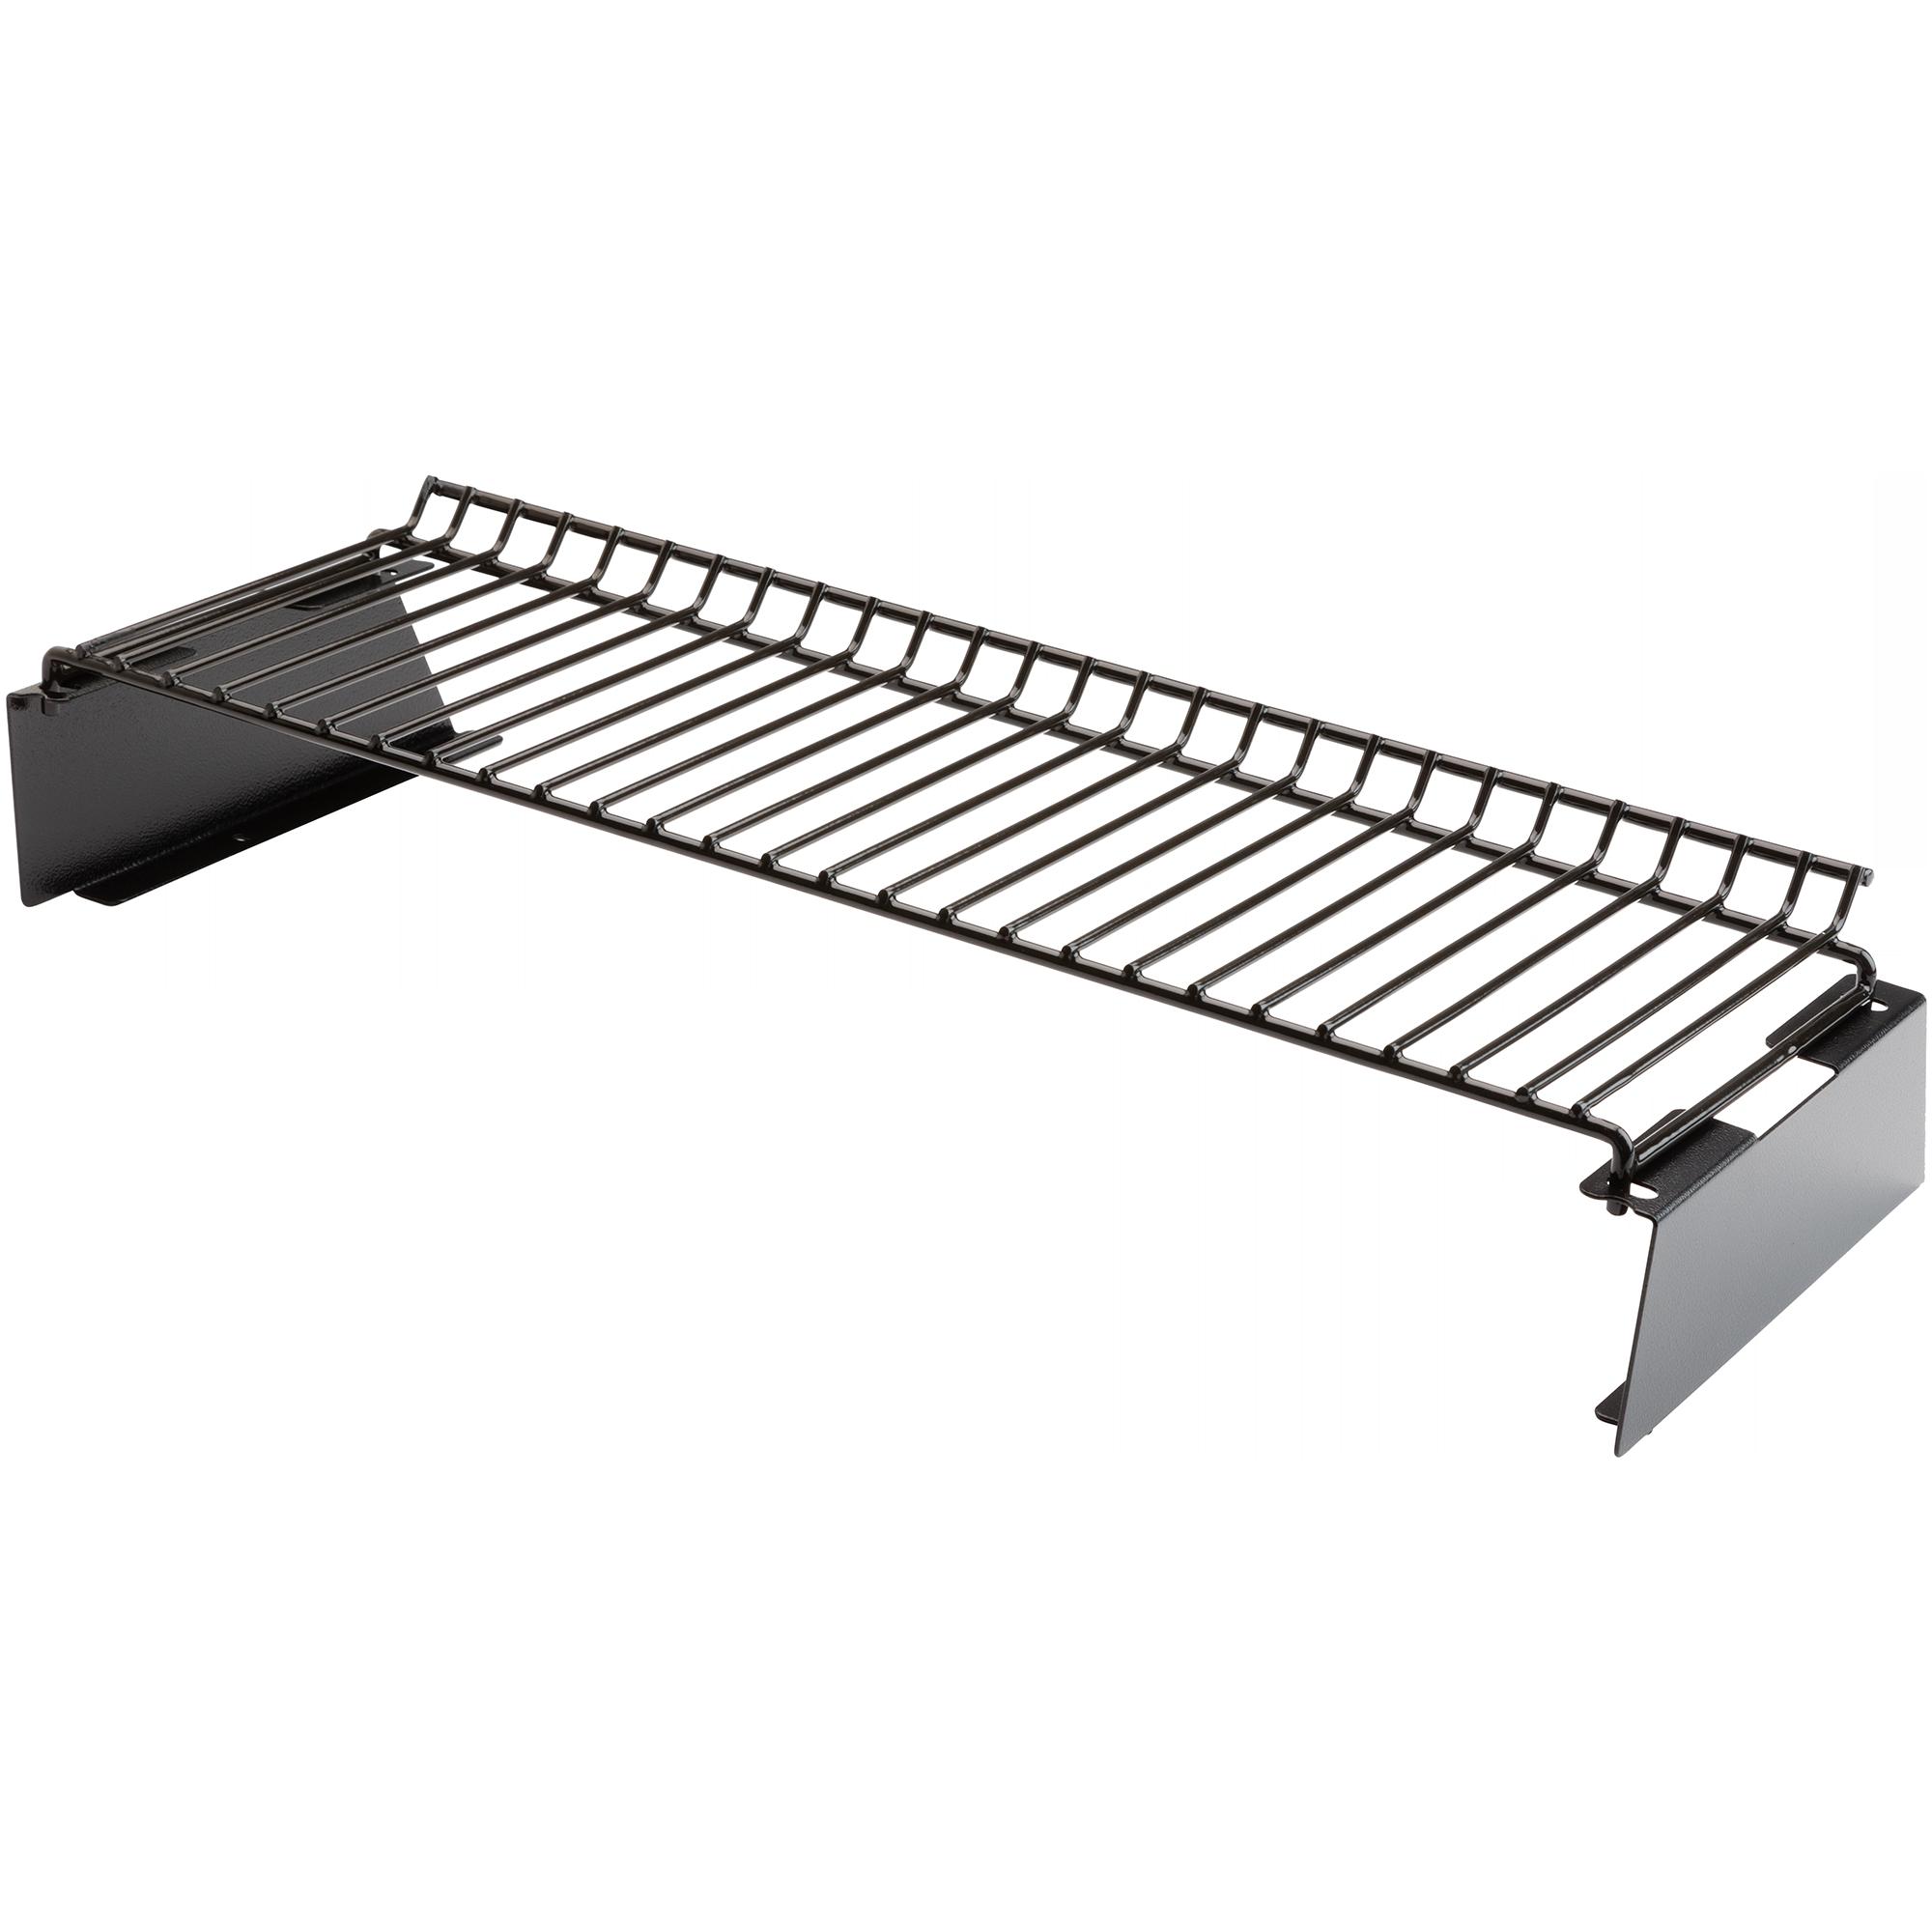 essentials aga shop cookshop grill half rack